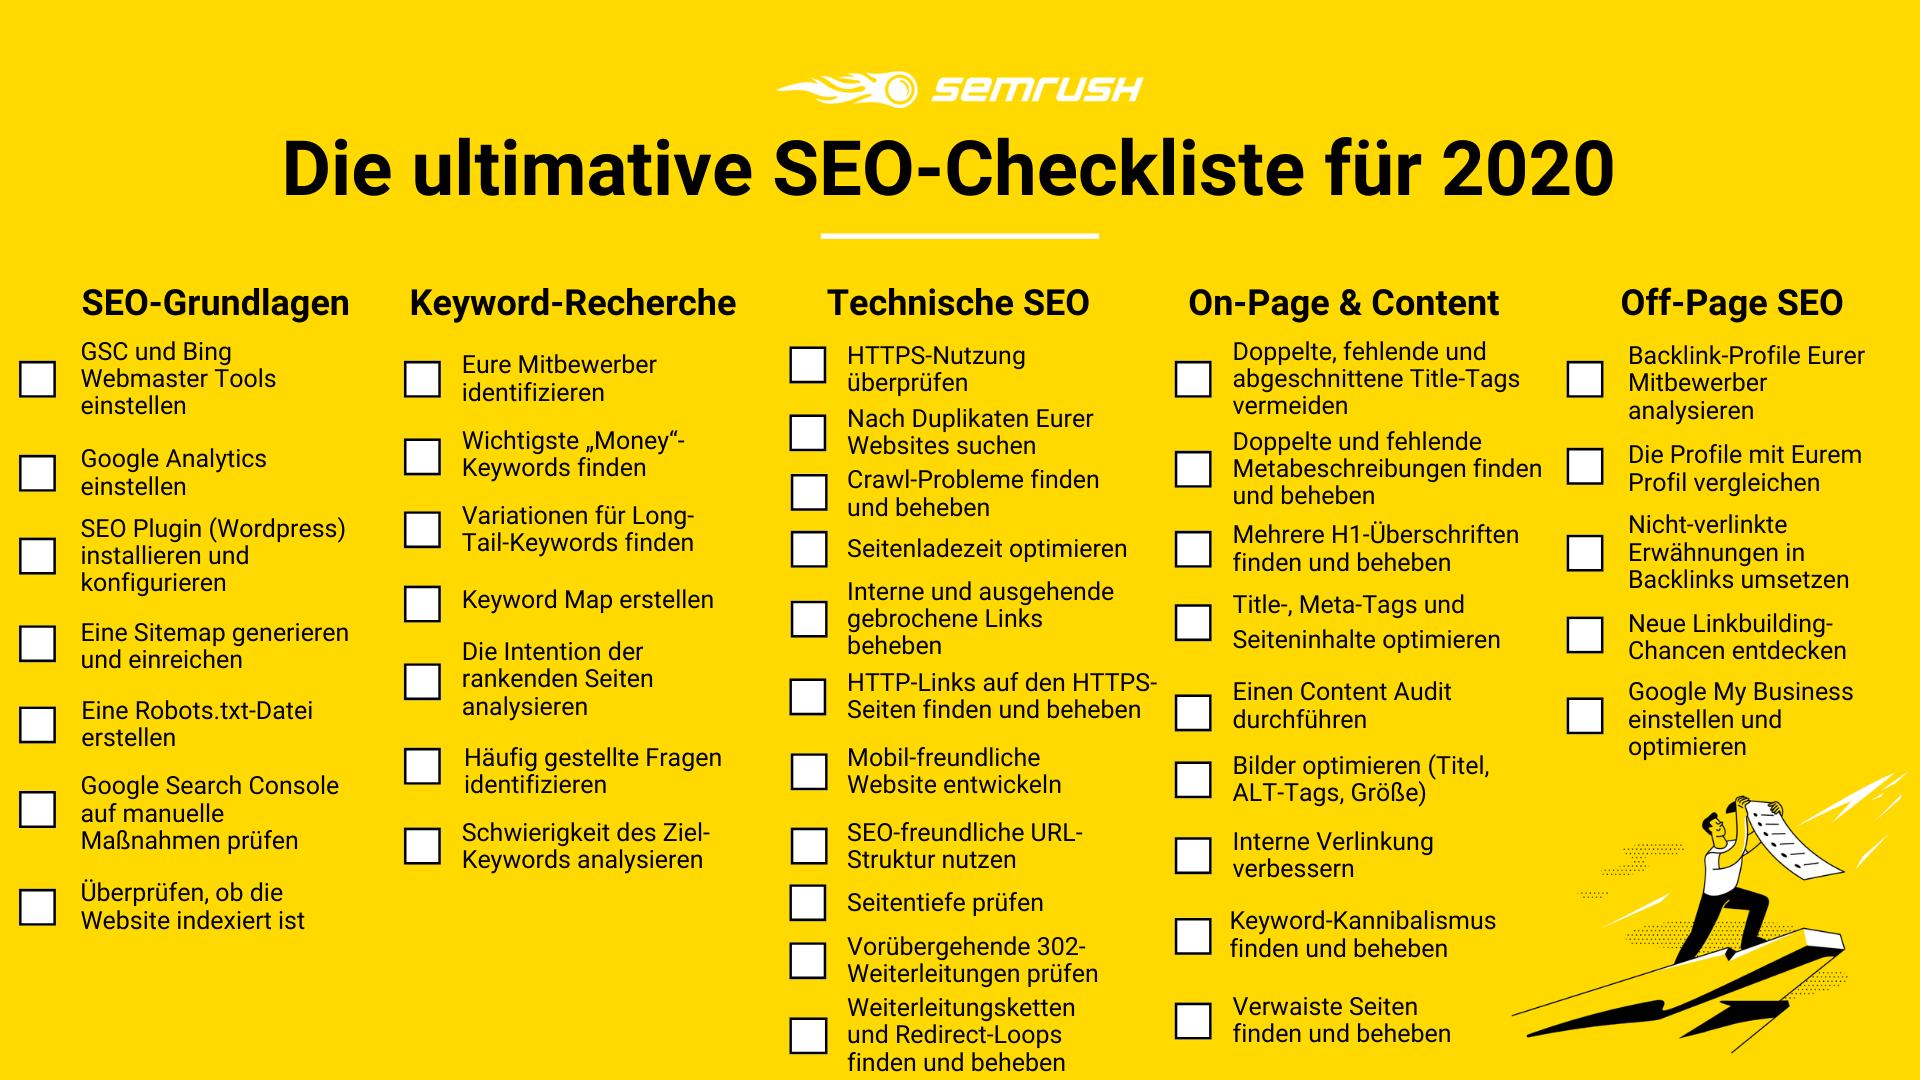 SEO-Checkliste von SEMrush 2020